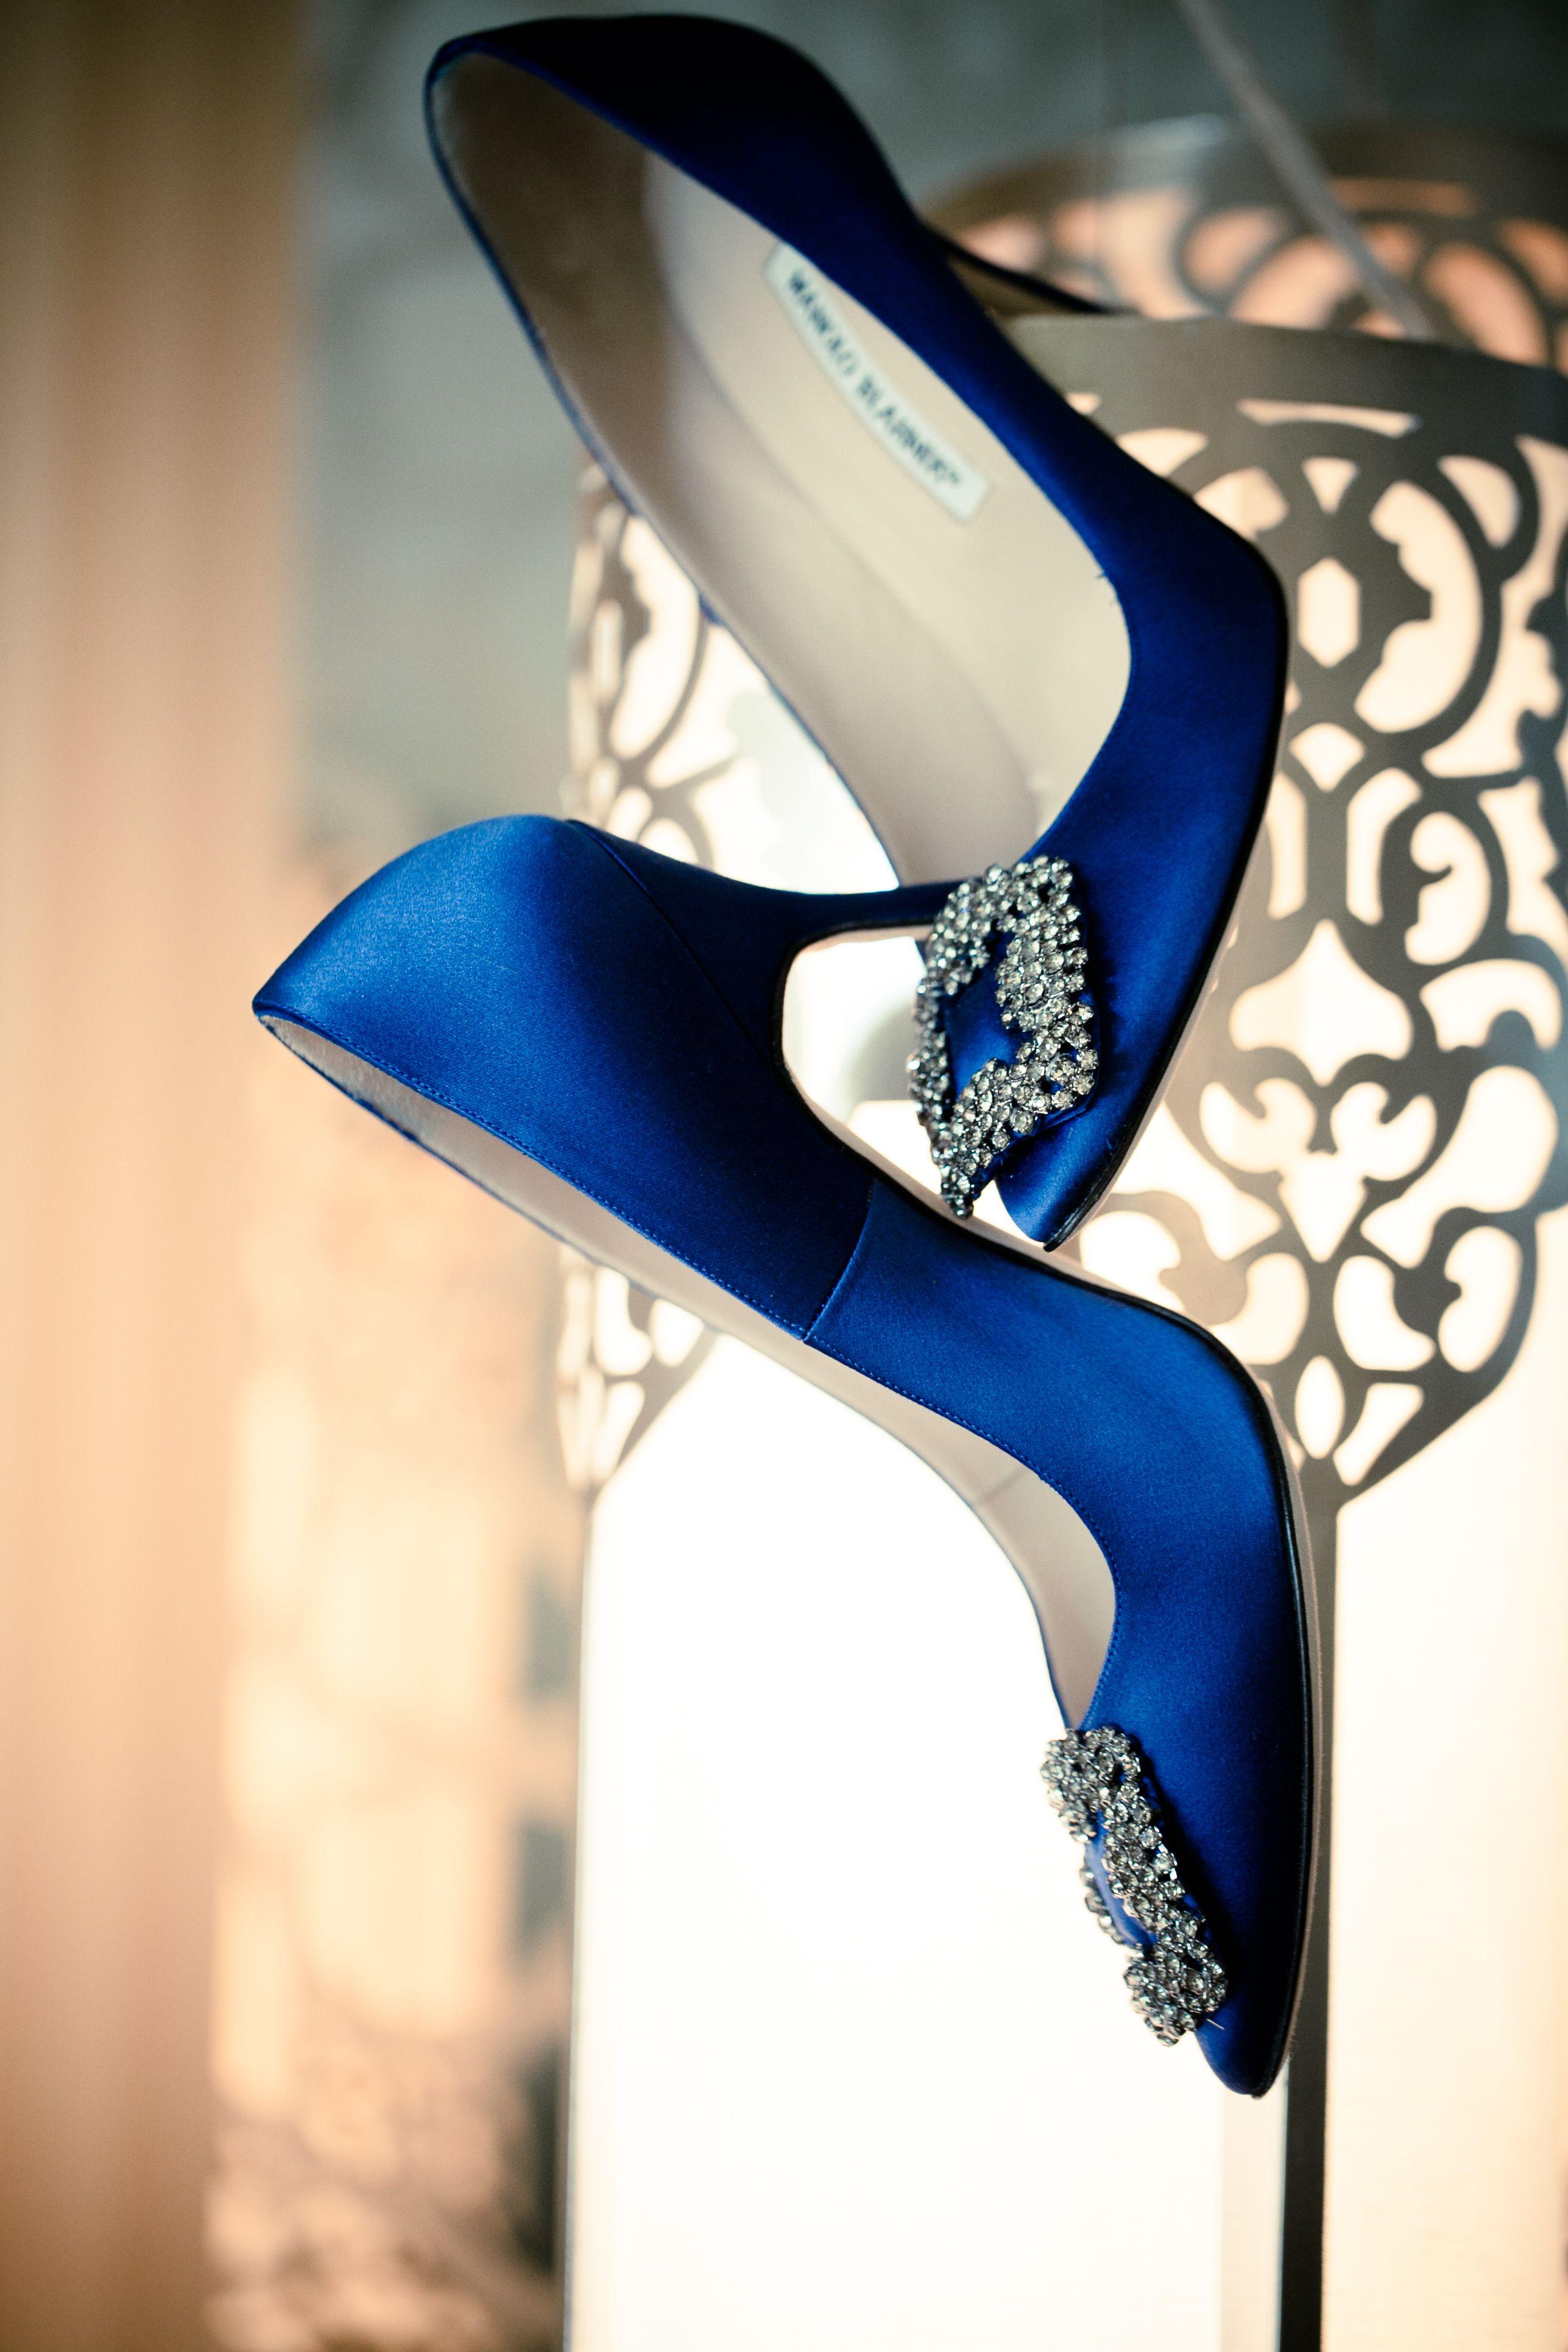 Fabelhafte Hochzeitsschuhe in Blau! Manolo Blahniks ...